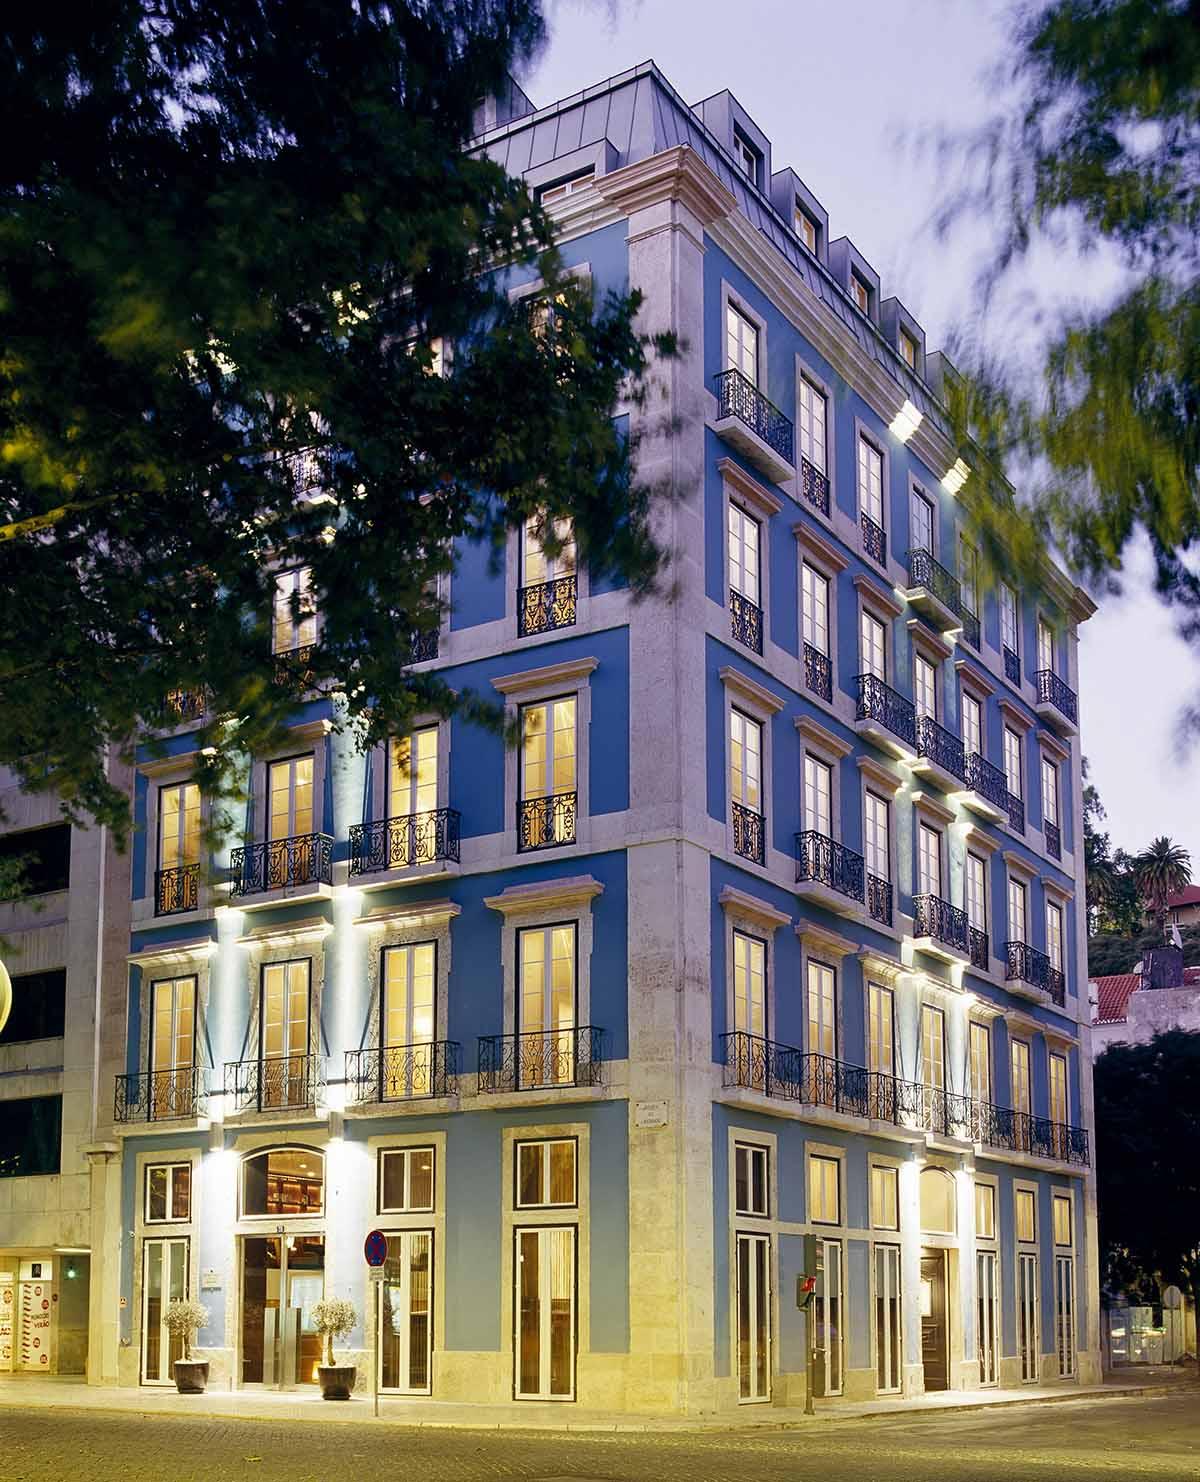 Heritage Avenida Liberdade Hotel Facade